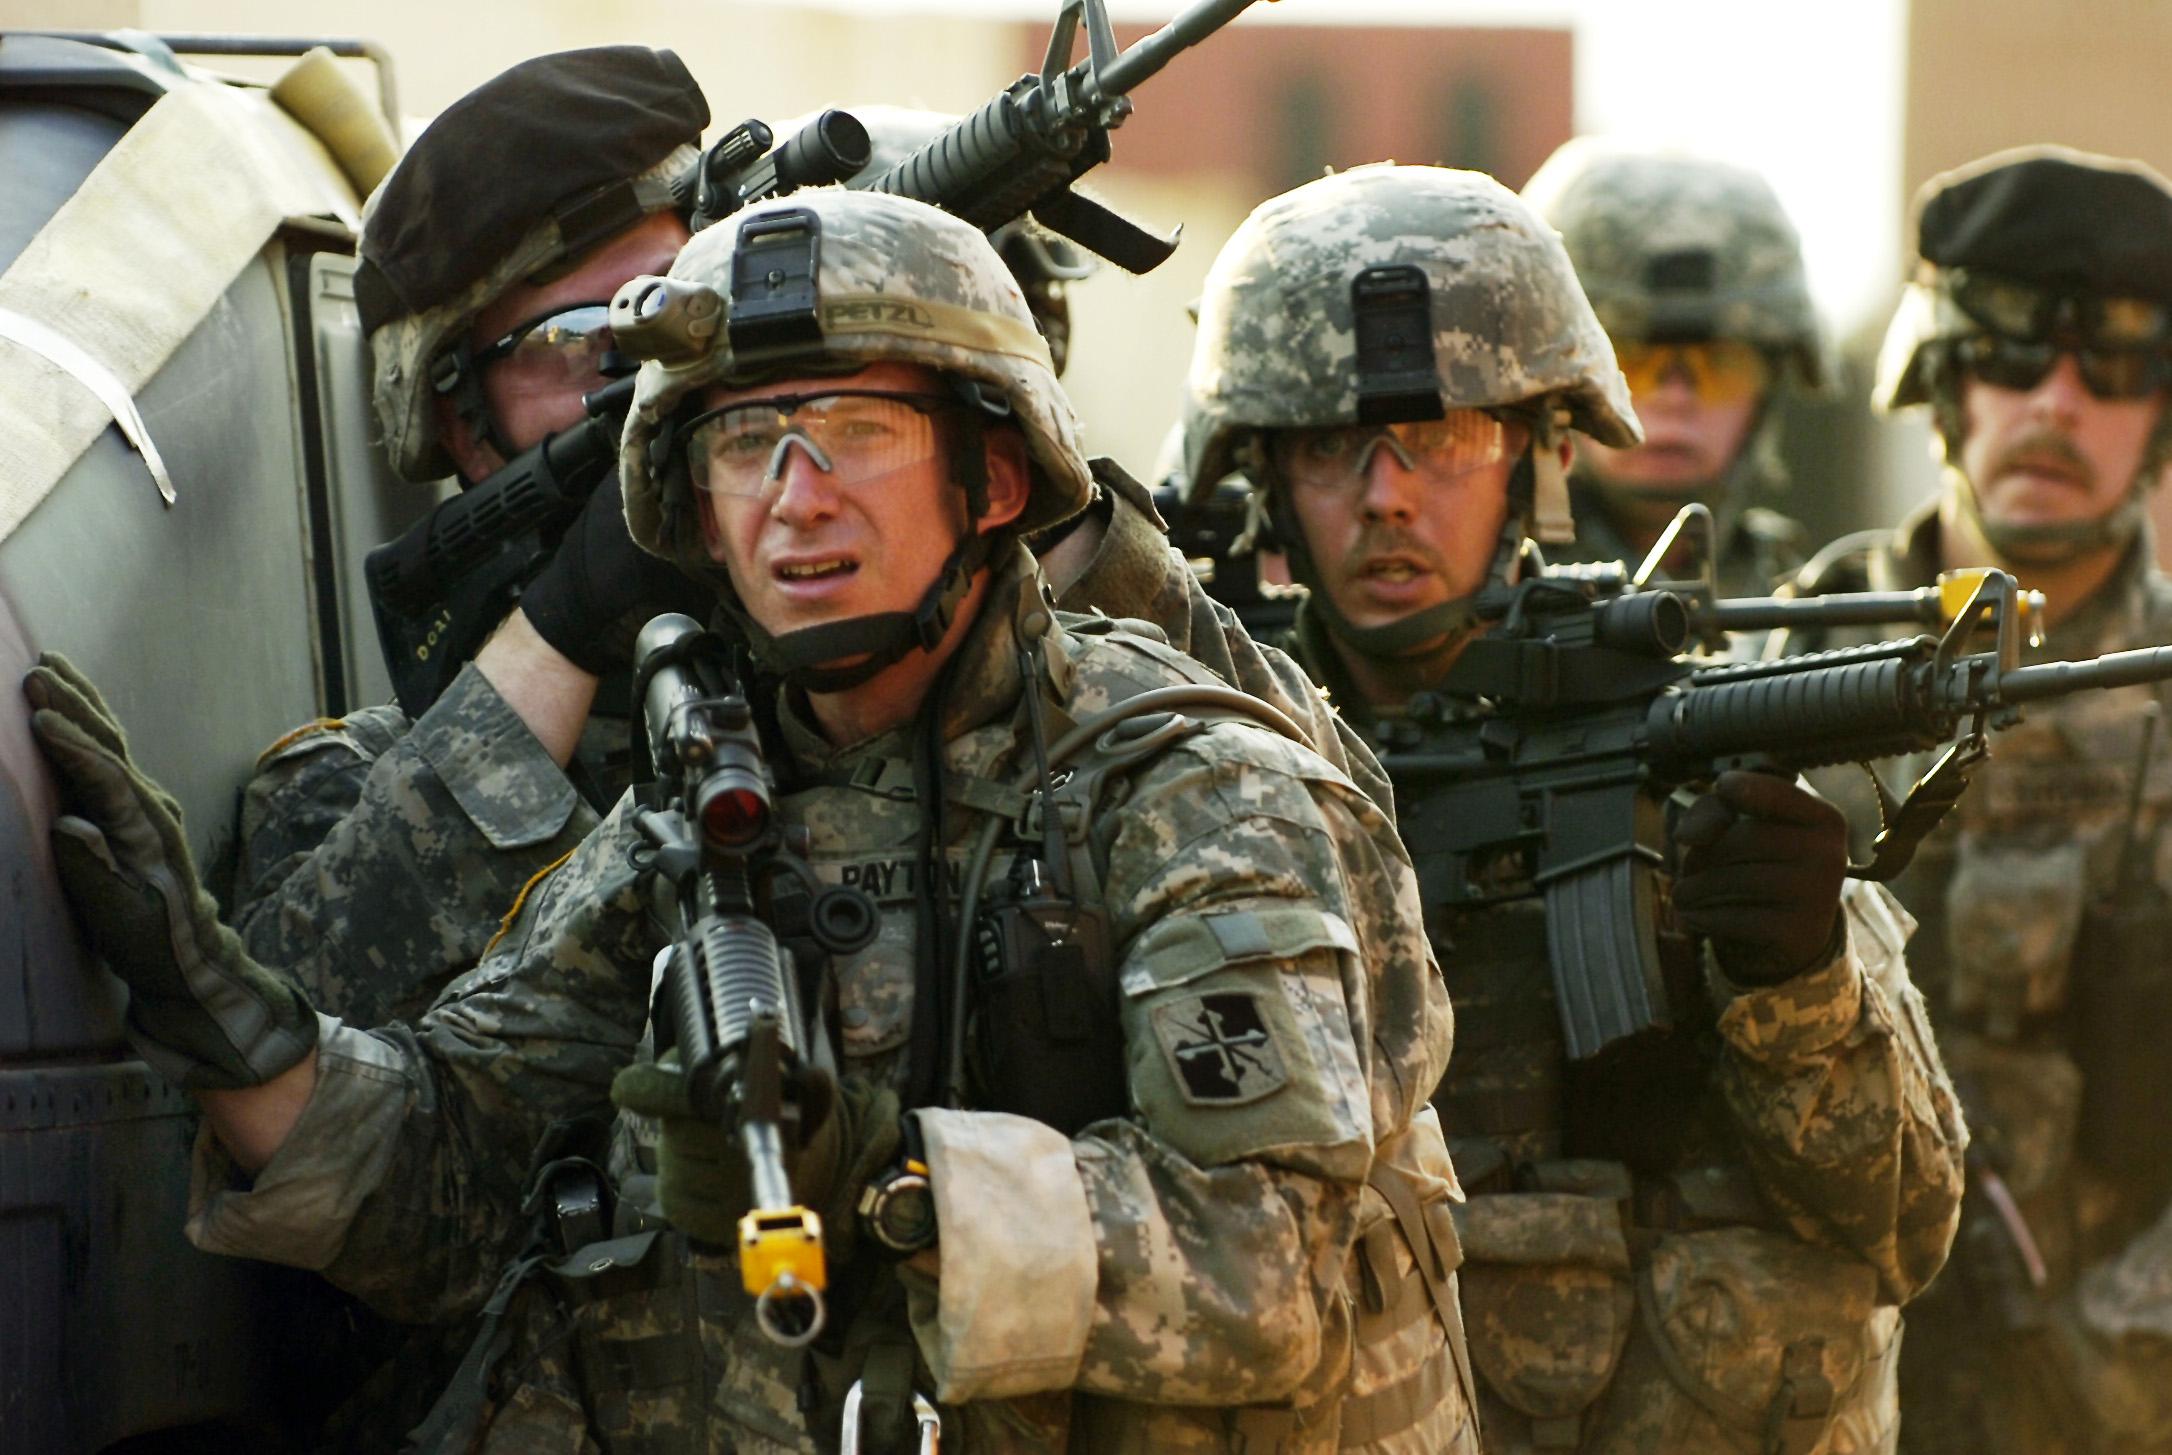 US Army - www.army.mil